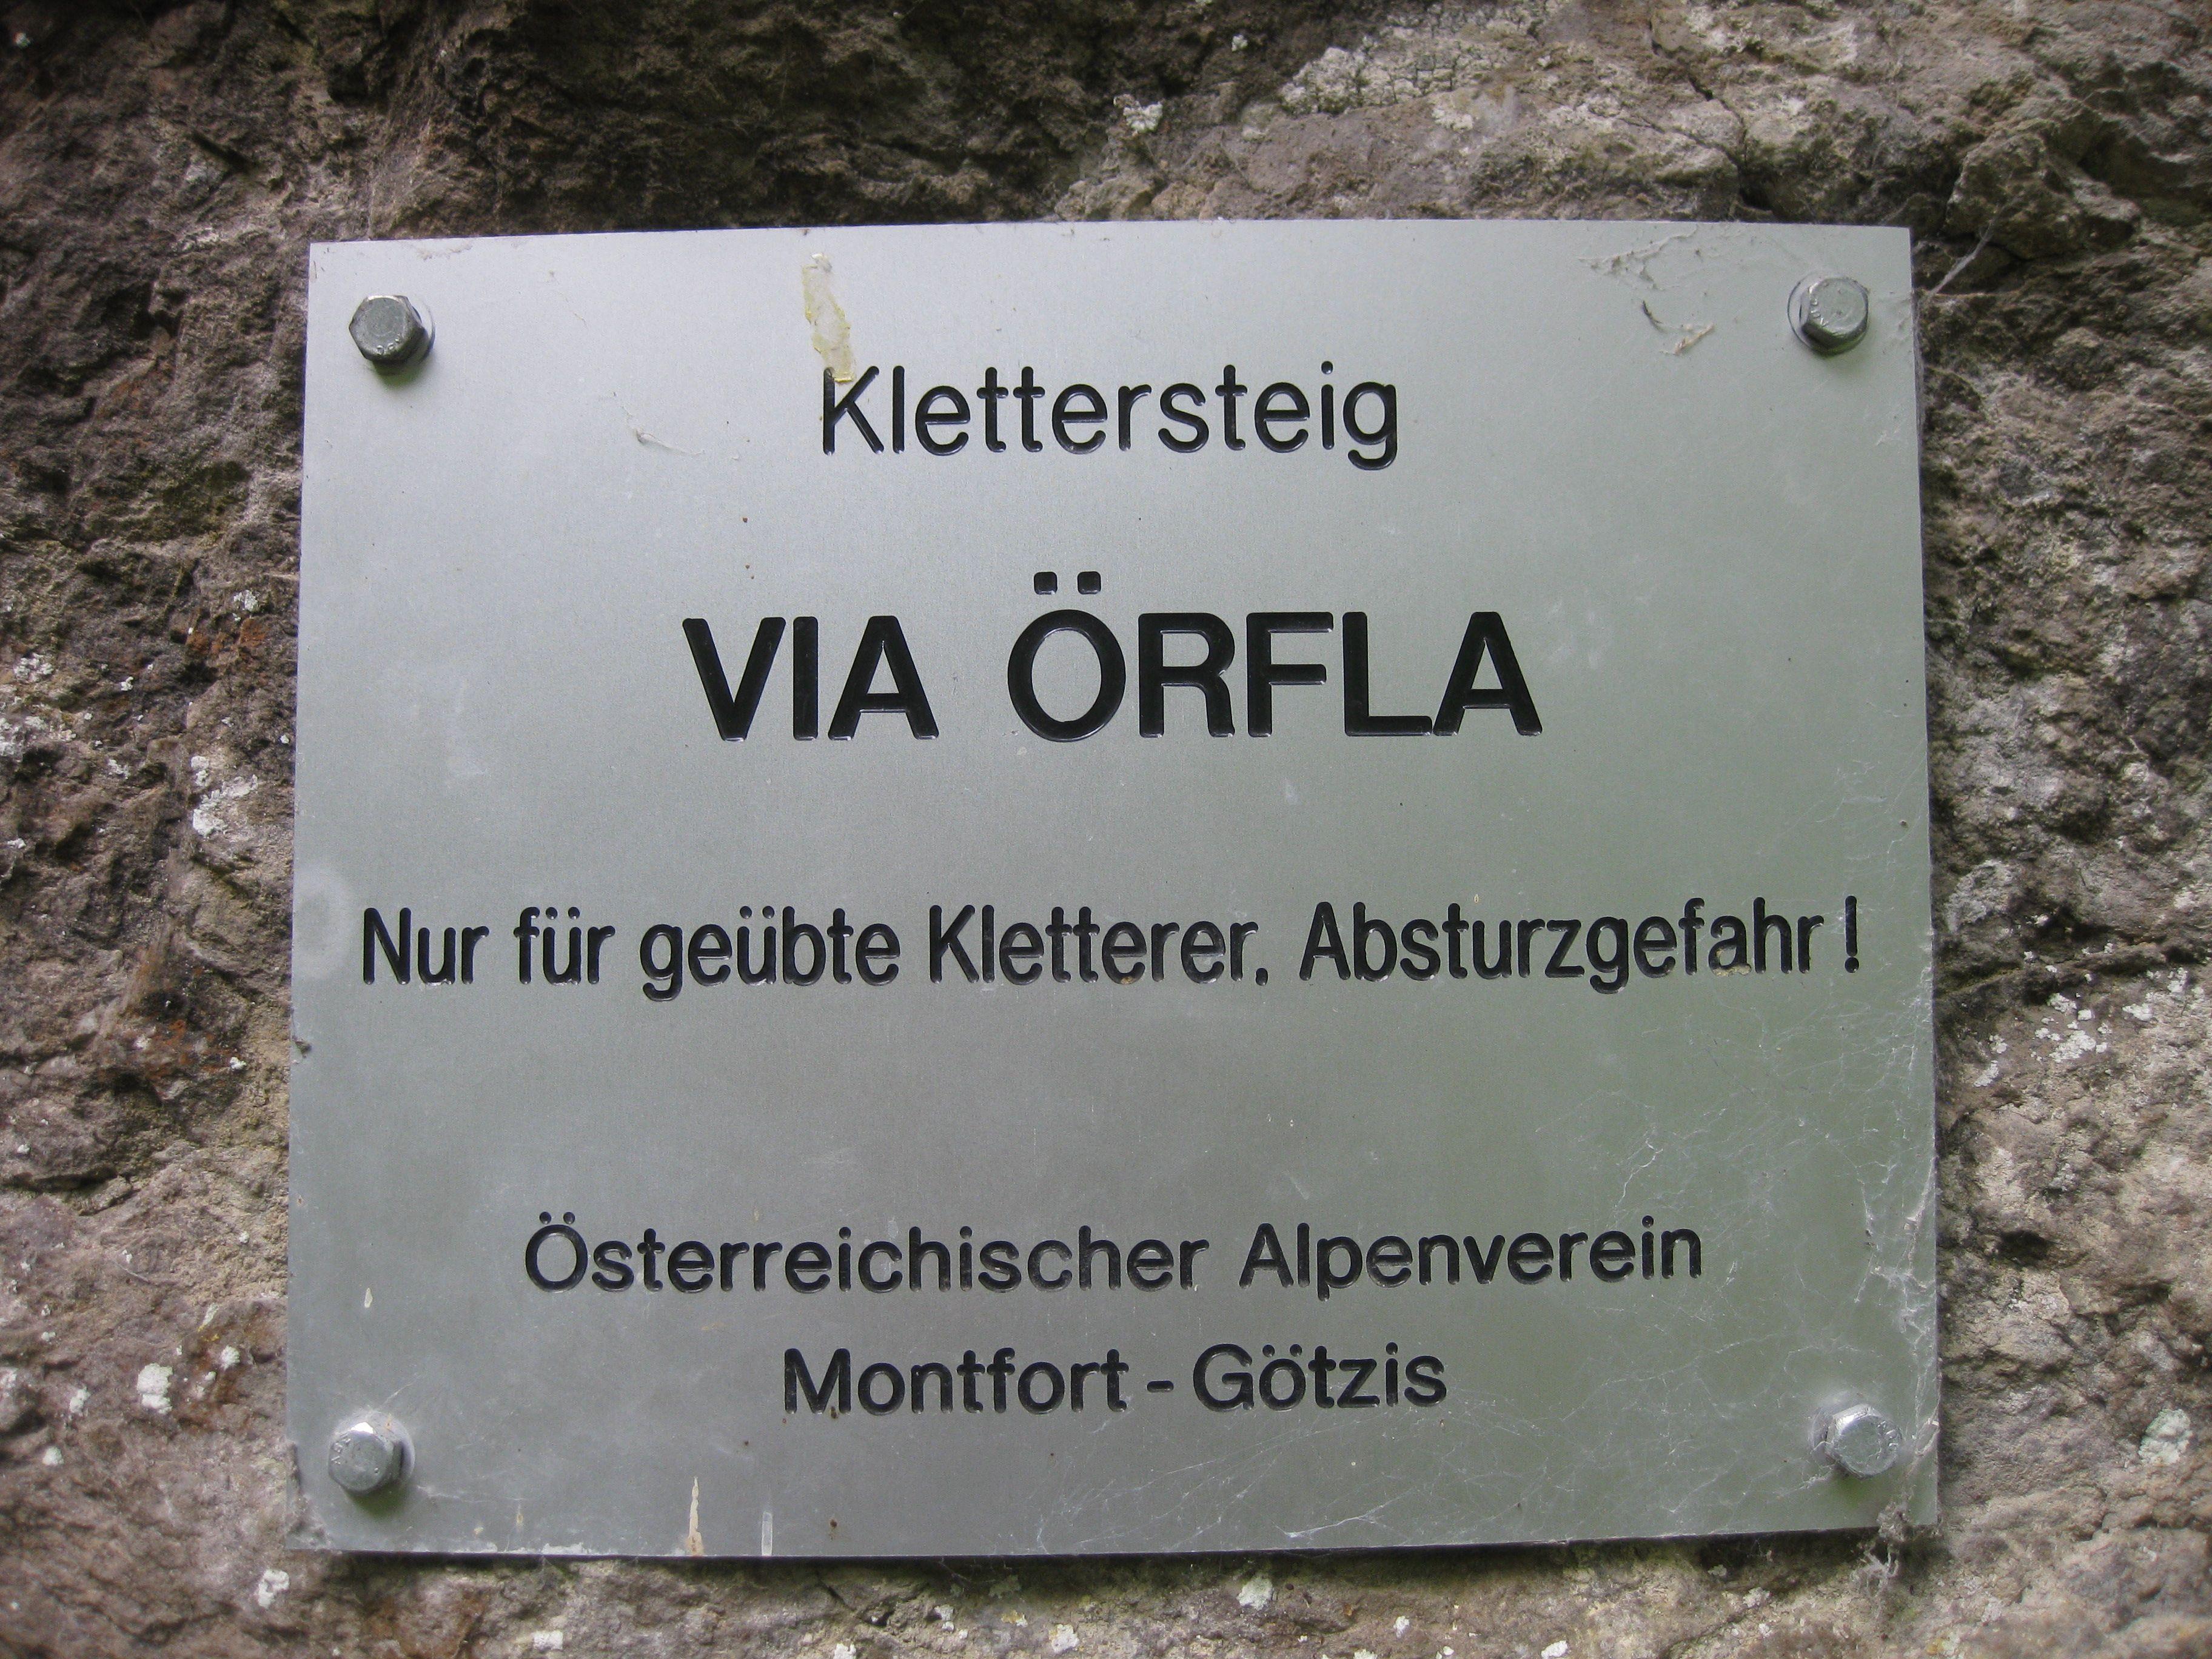 Der Steig in der Örflaschlucht in Götzis wurde wegen Sanierungsarbeiten gesperrt